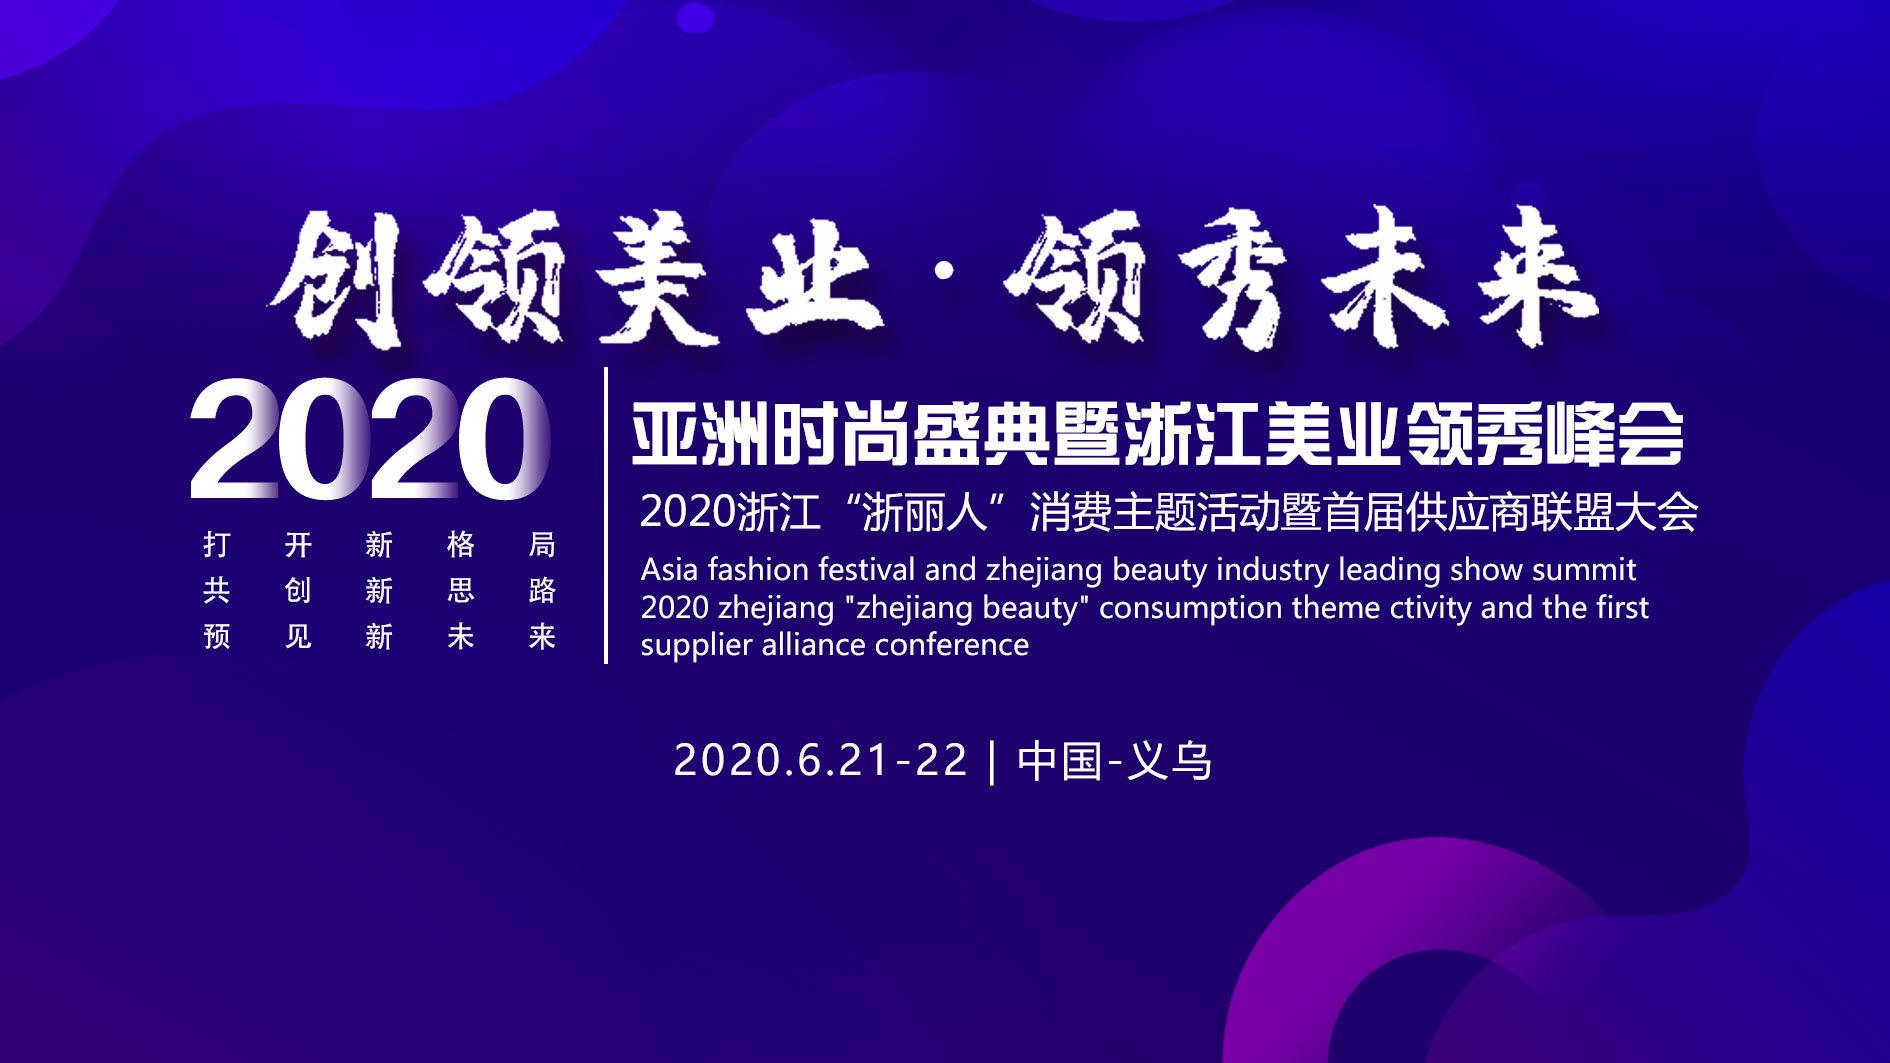 2020亞洲時尚盛典暨浙江美業領袖峰會